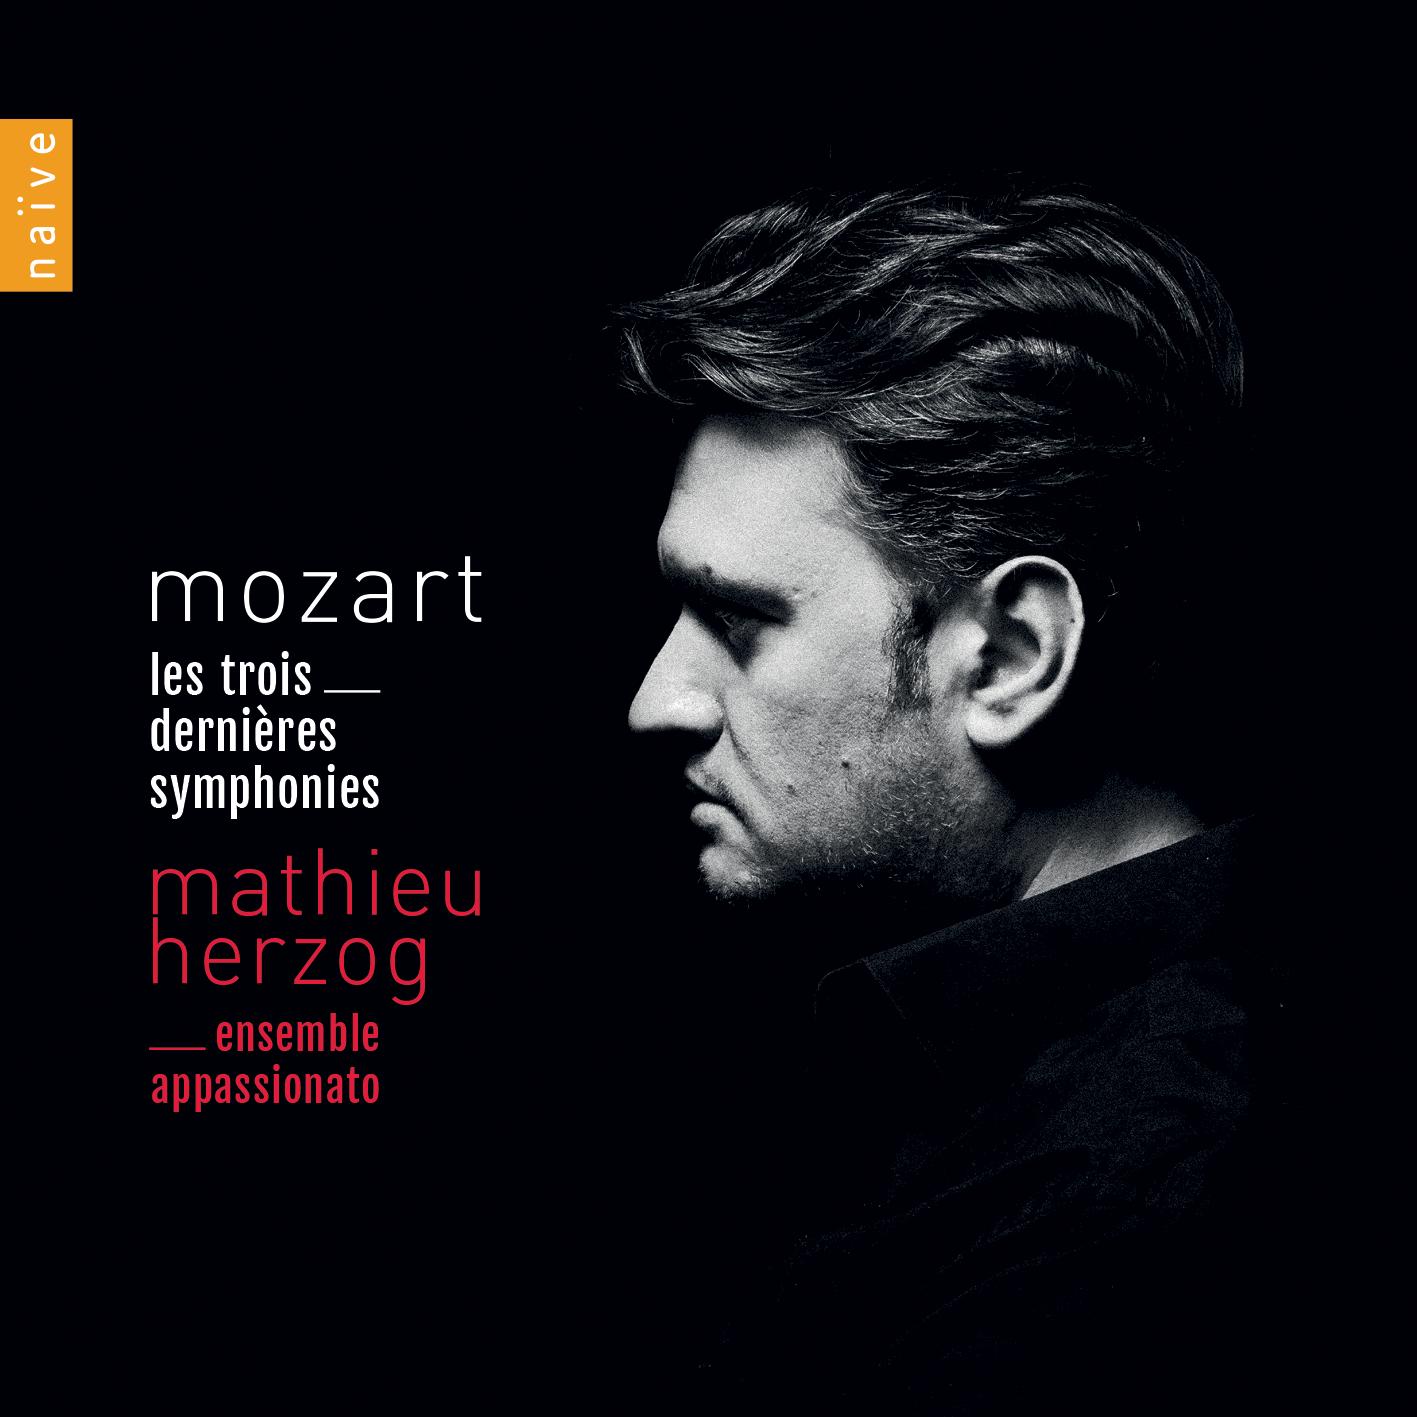 V5457 K Mozart Herzog Ensemble Appassionato.png